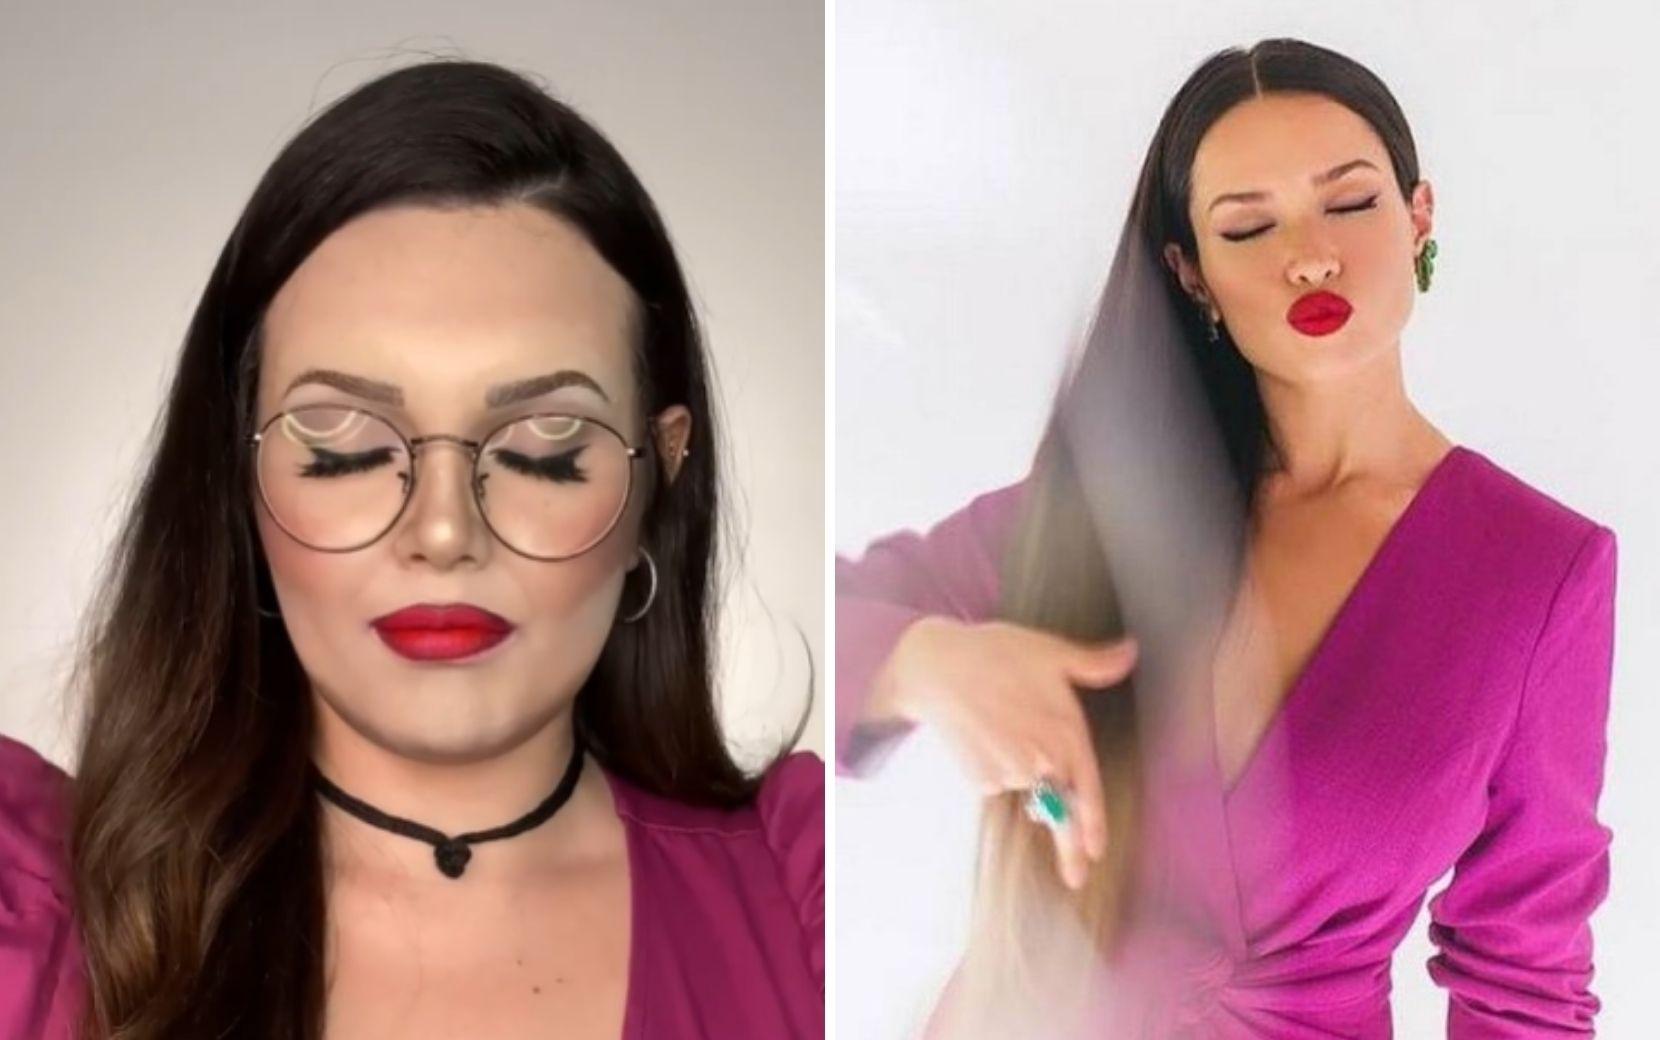 Maquiadora famosa por transformações fica igualzinha Juliette, confira!